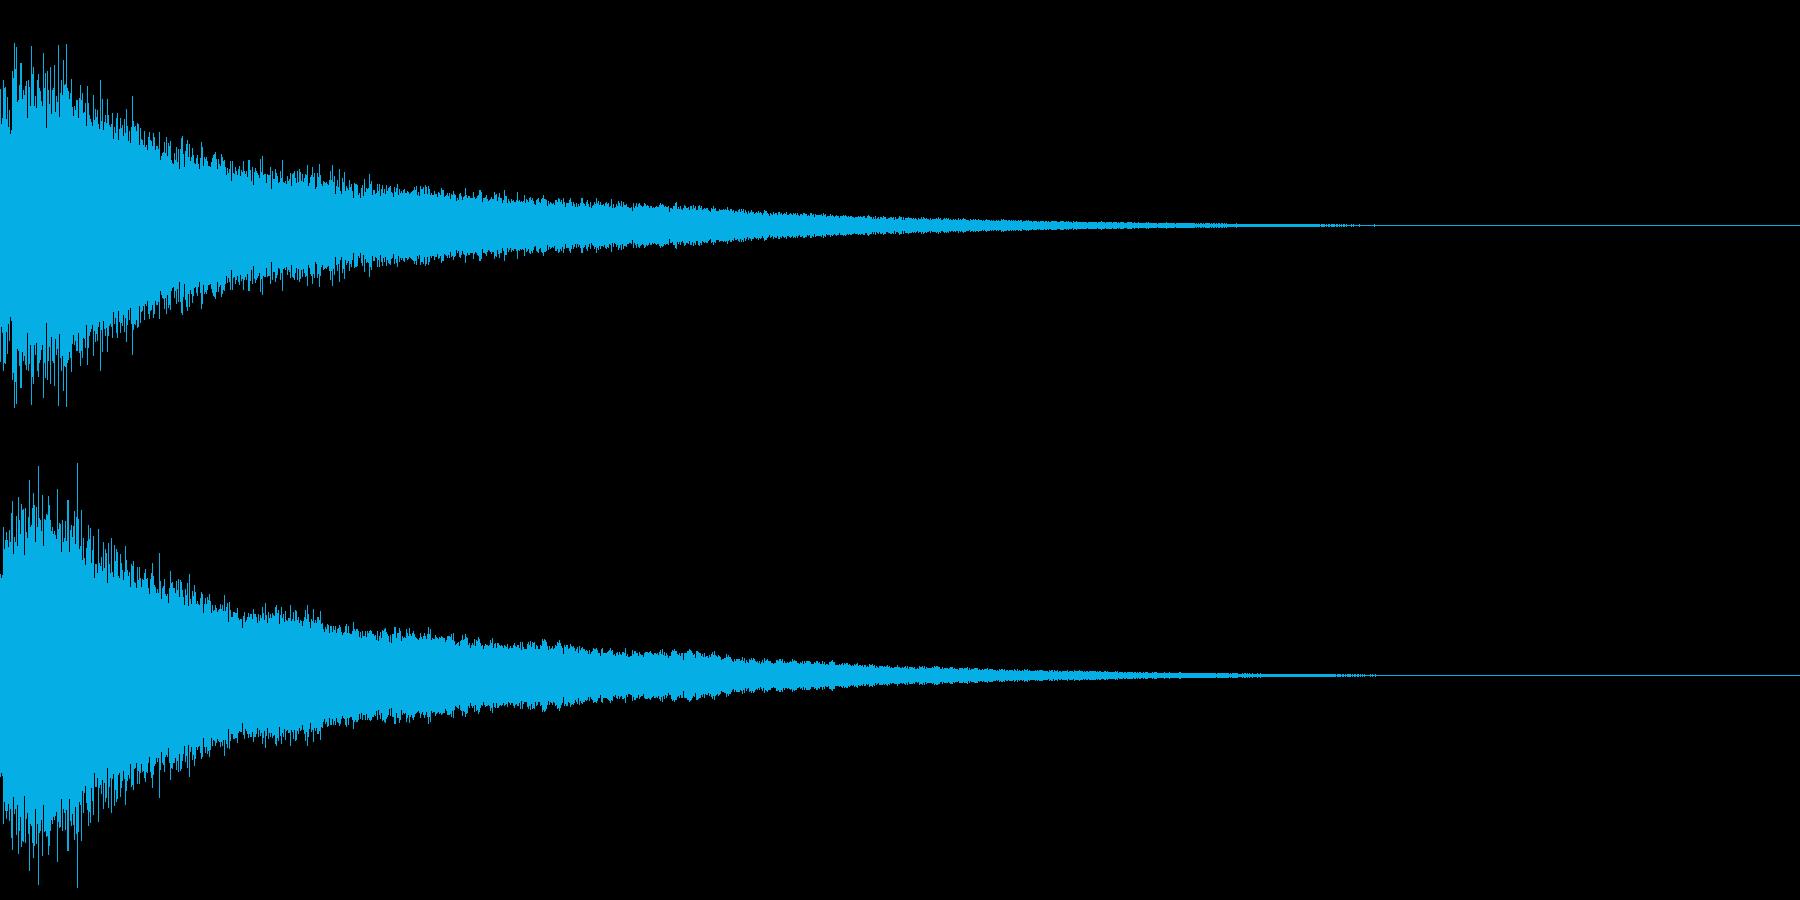 【チャイナシンバル ゴング】中国演出!7の再生済みの波形